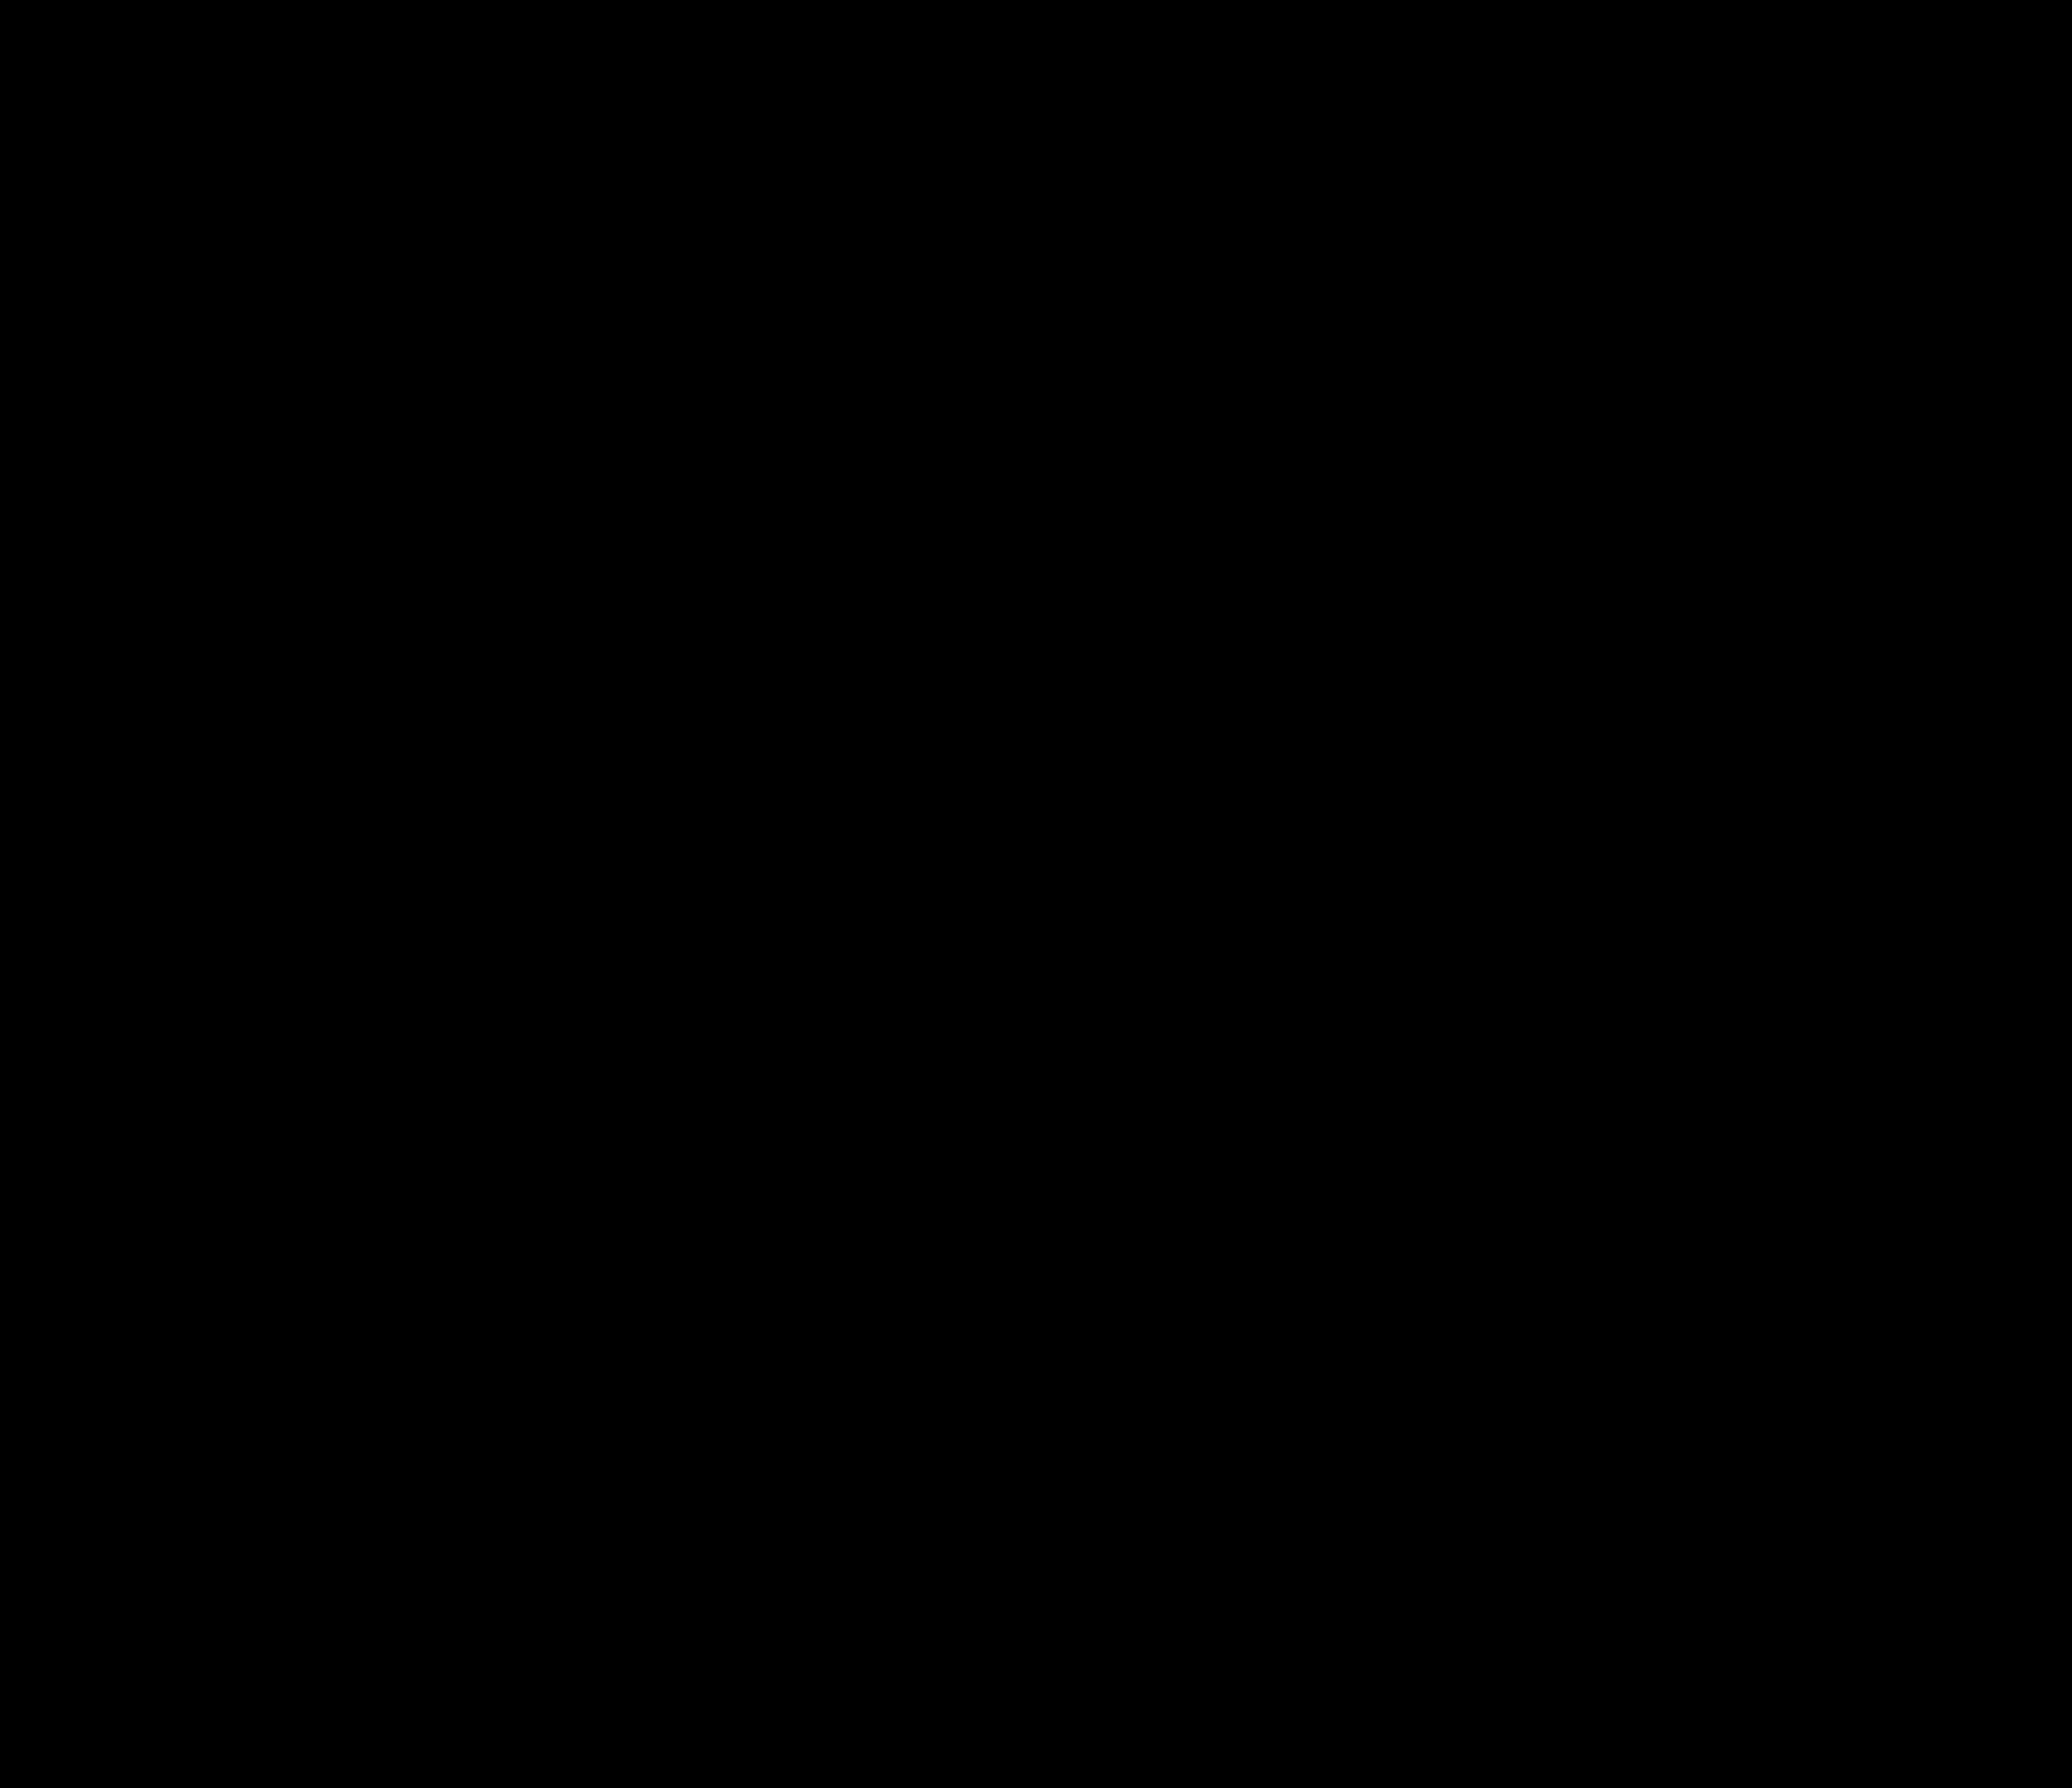 Clipart - Cherub-Clipart - Cherub-8